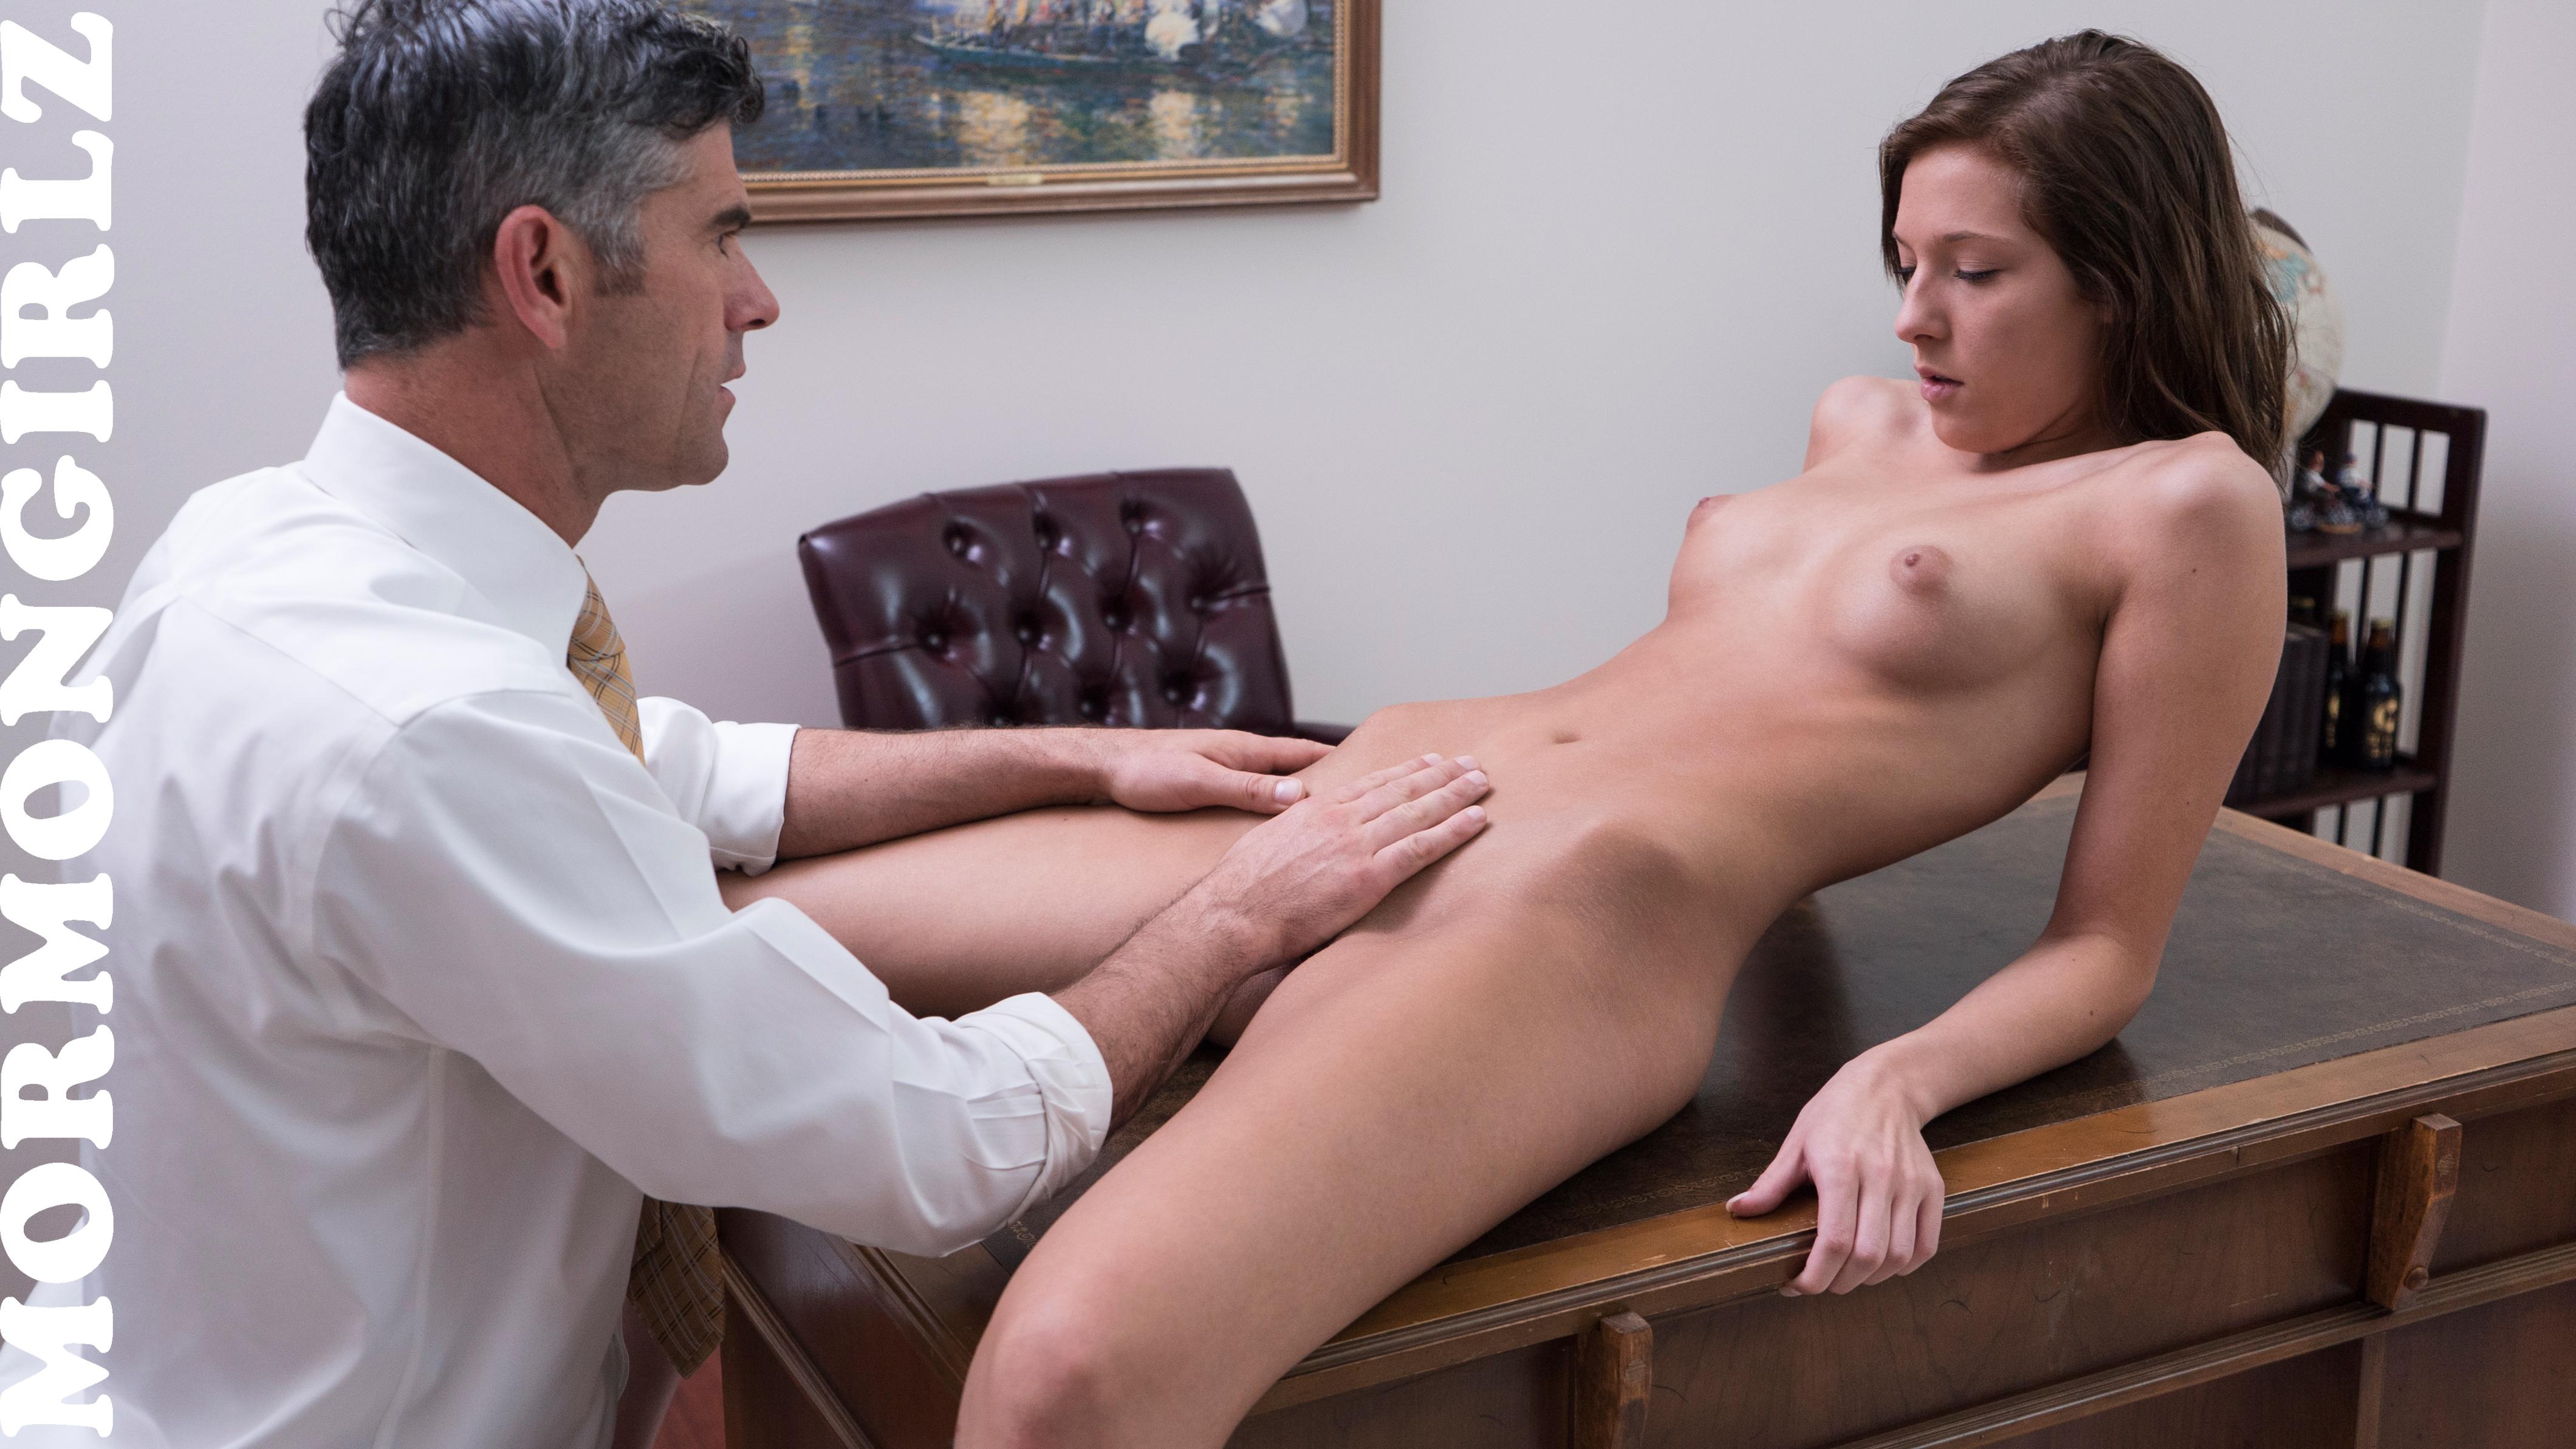 Really Hot Naked Mormon Girls